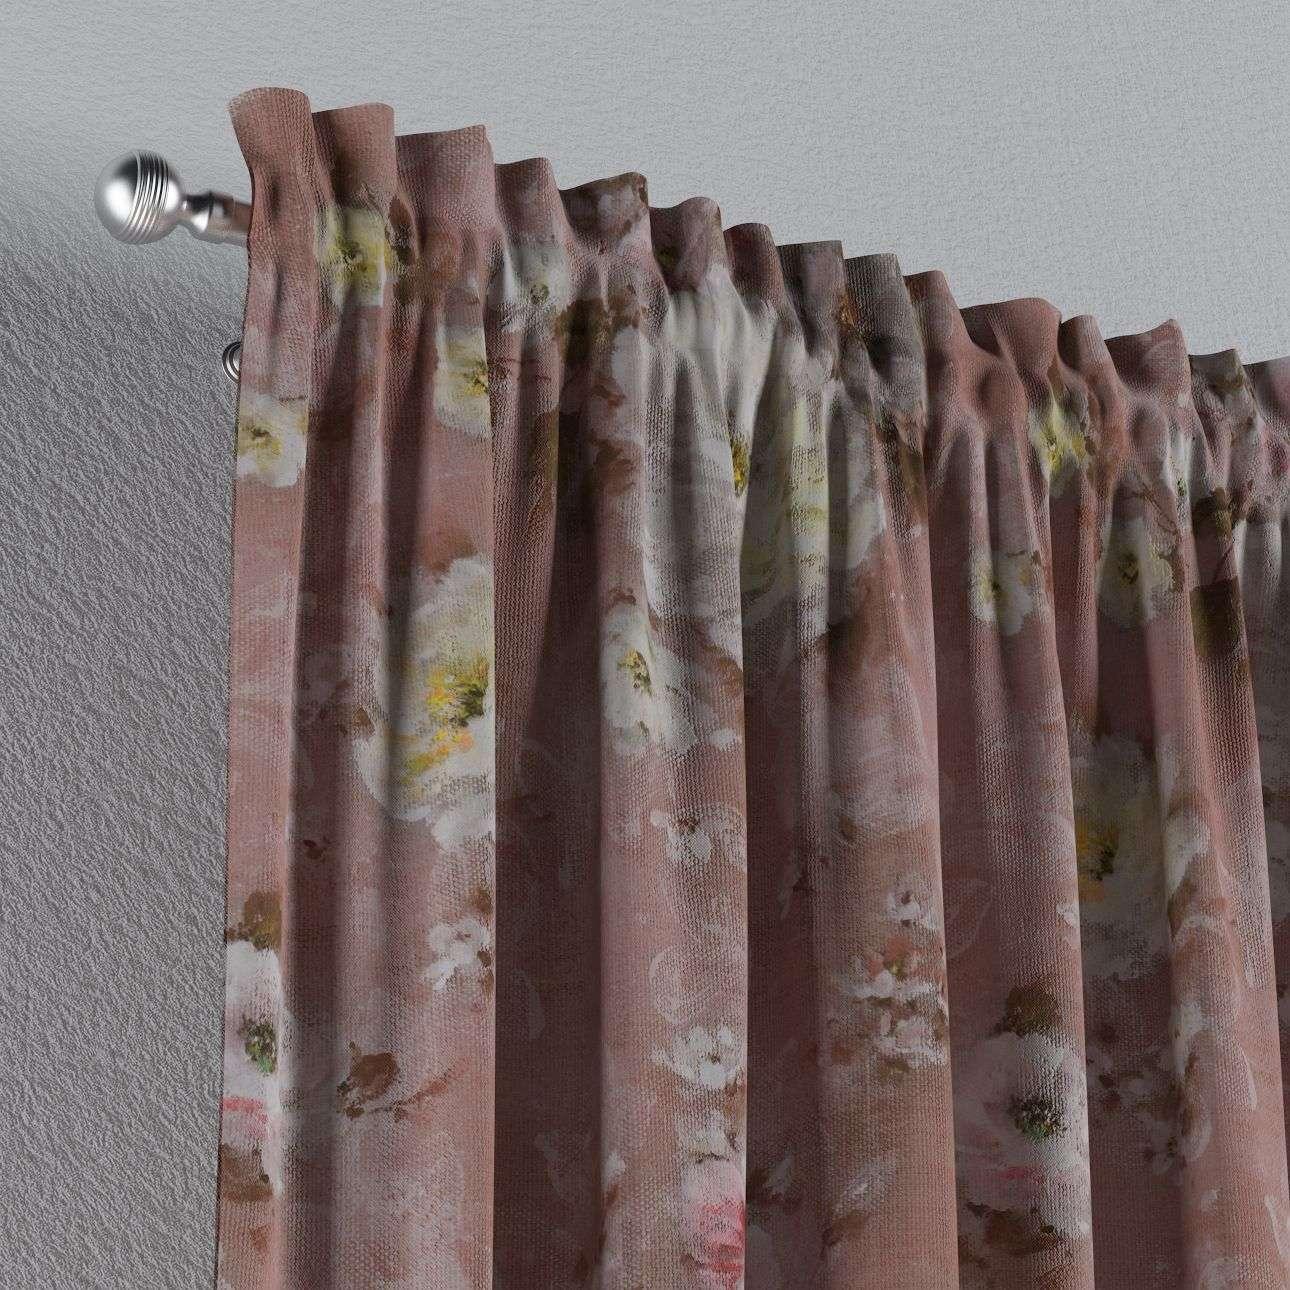 Závěs s tunýlkem a volánkem 130 x 260 cm v kolekci Monet, látka: 137-83